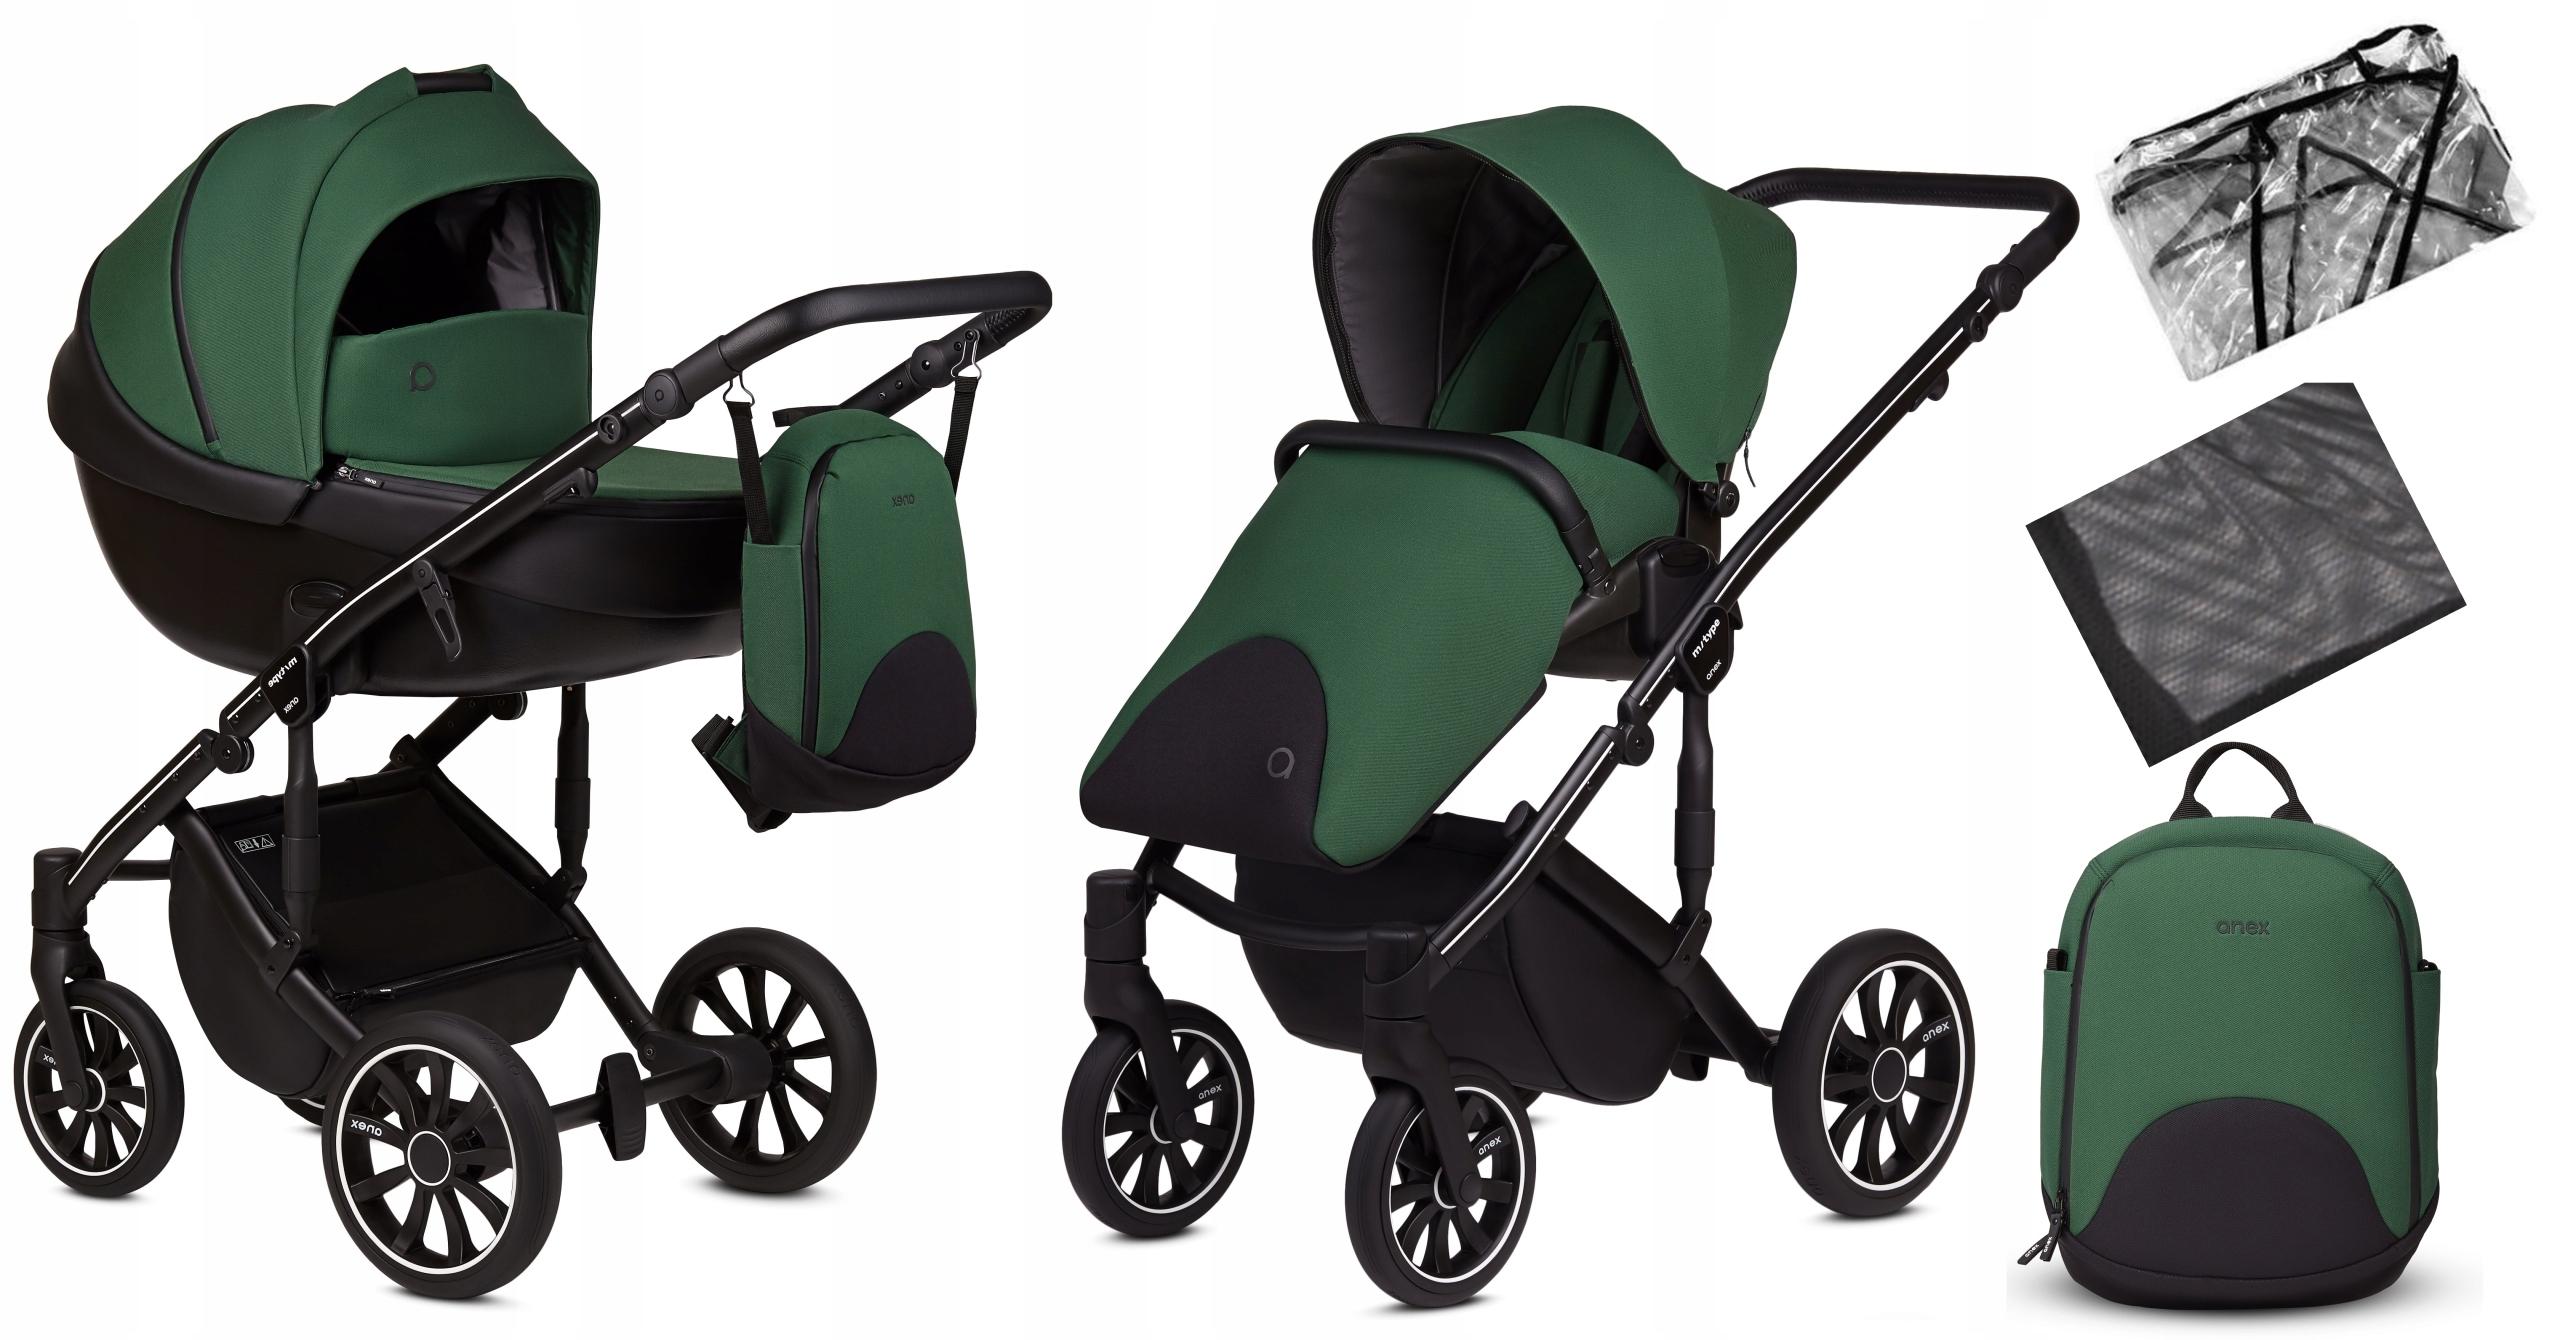 ANEX wózek wielofunkcyjny 2w1 M/TYPE LIME 9343409187 - Allegro.pl